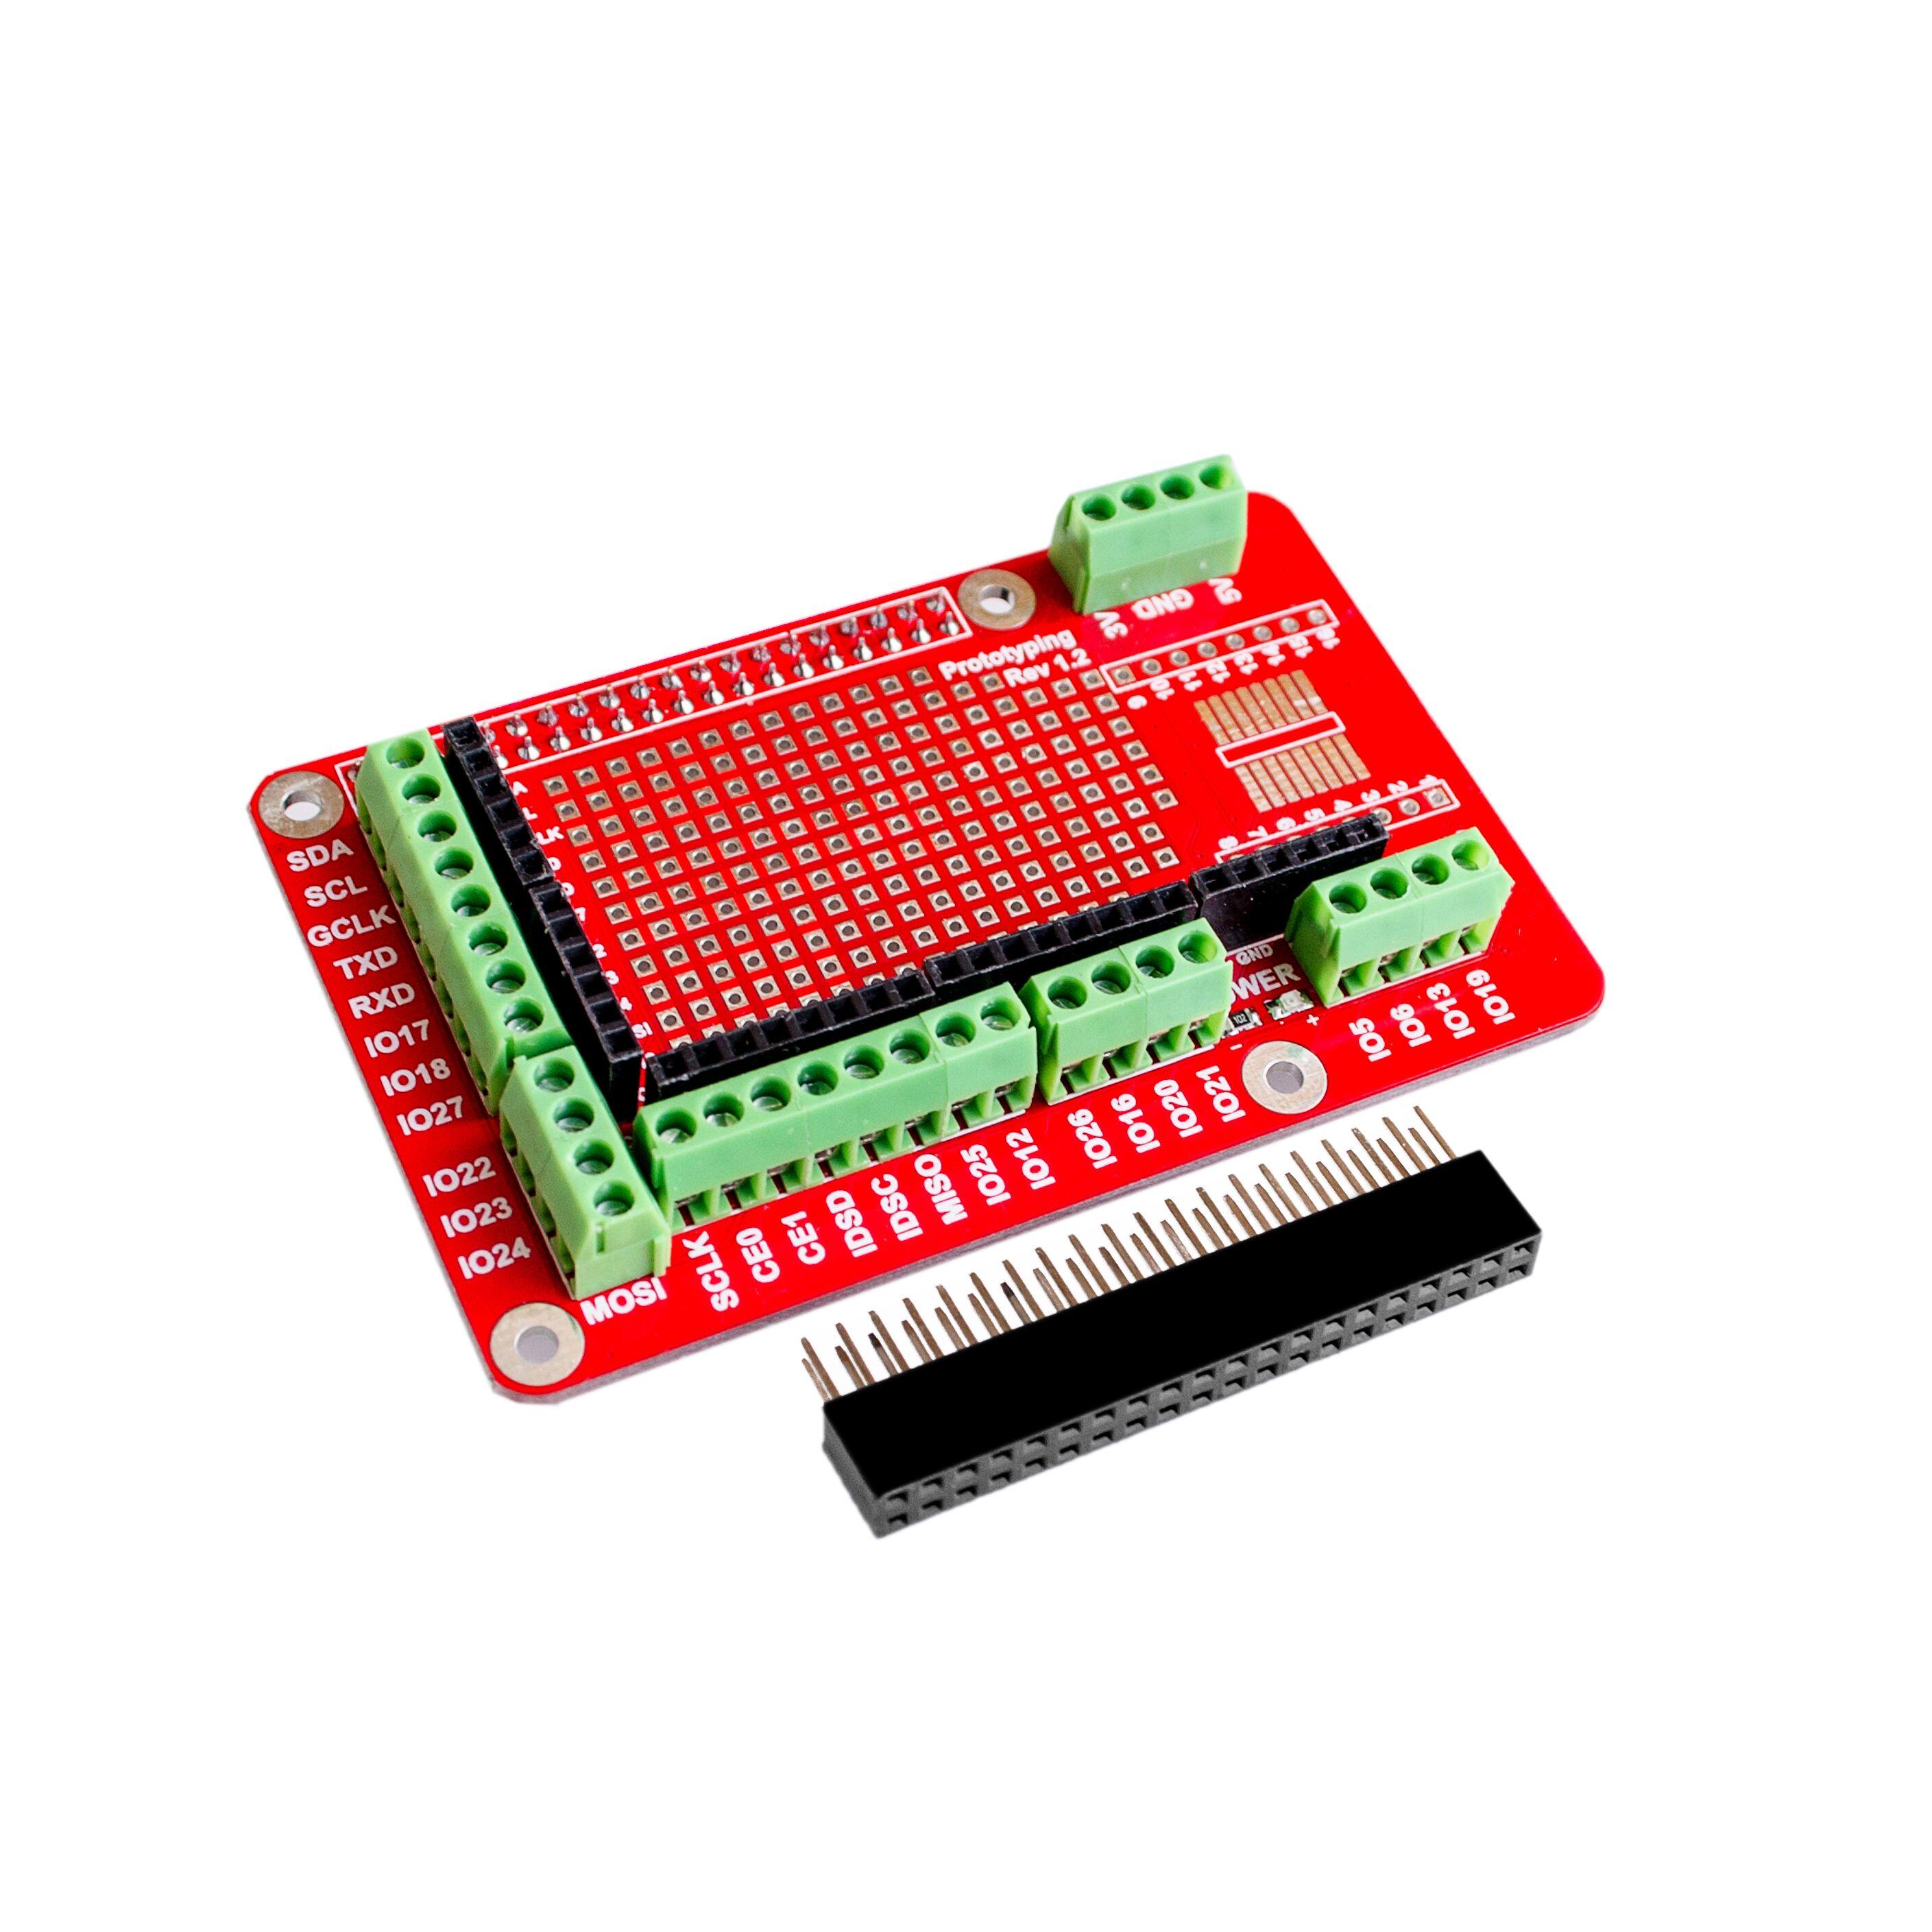 10 pz/lotto di Espansione Prototipazione Shield Consiglio Per Raspberry Pi 2 bordo di B e Raspberry Pi 3 bordo B10 pz/lotto di Espansione Prototipazione Shield Consiglio Per Raspberry Pi 2 bordo di B e Raspberry Pi 3 bordo B